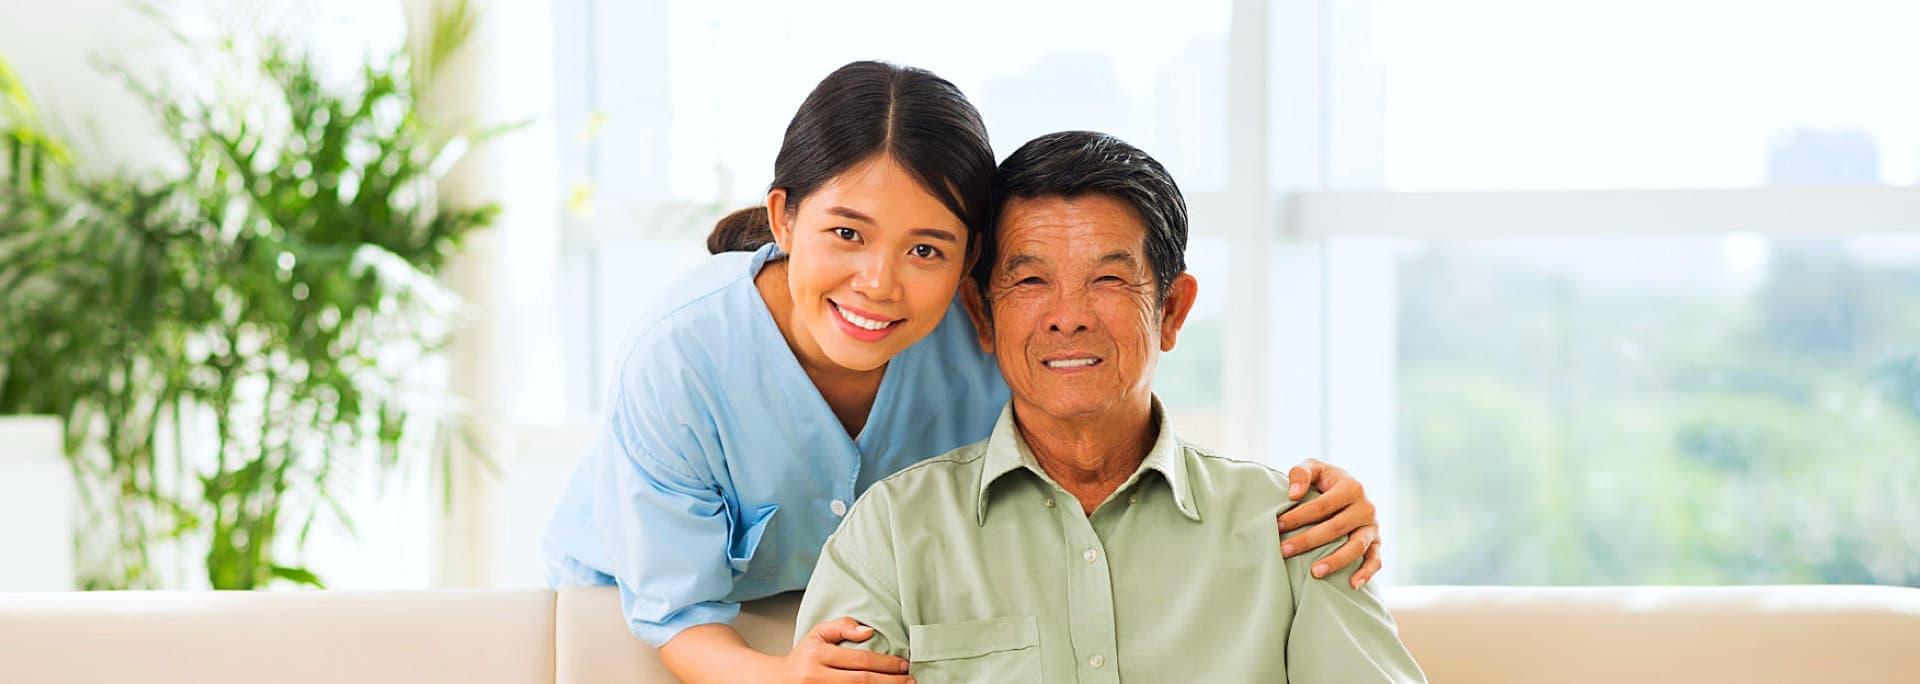 caregiver hugging senior man at the back